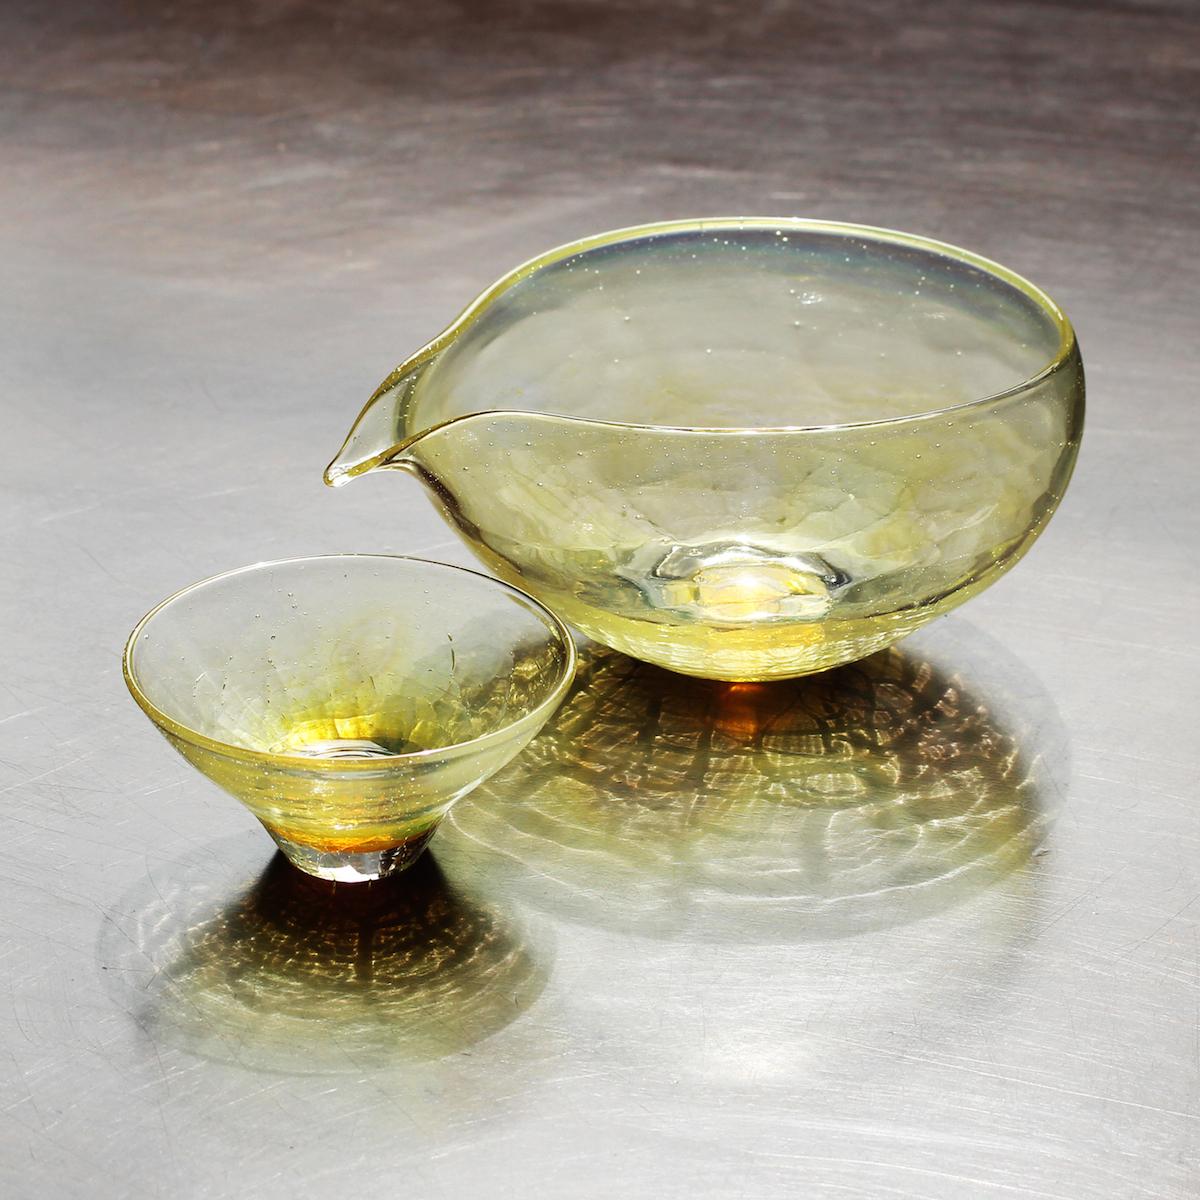 glasscalico グラスキャリコ ハンドメイド ガラス酒器 月光 (げっこう) 冷酒器セット (片口・ぐい呑 1個) おしゃれ ギフト プレゼント